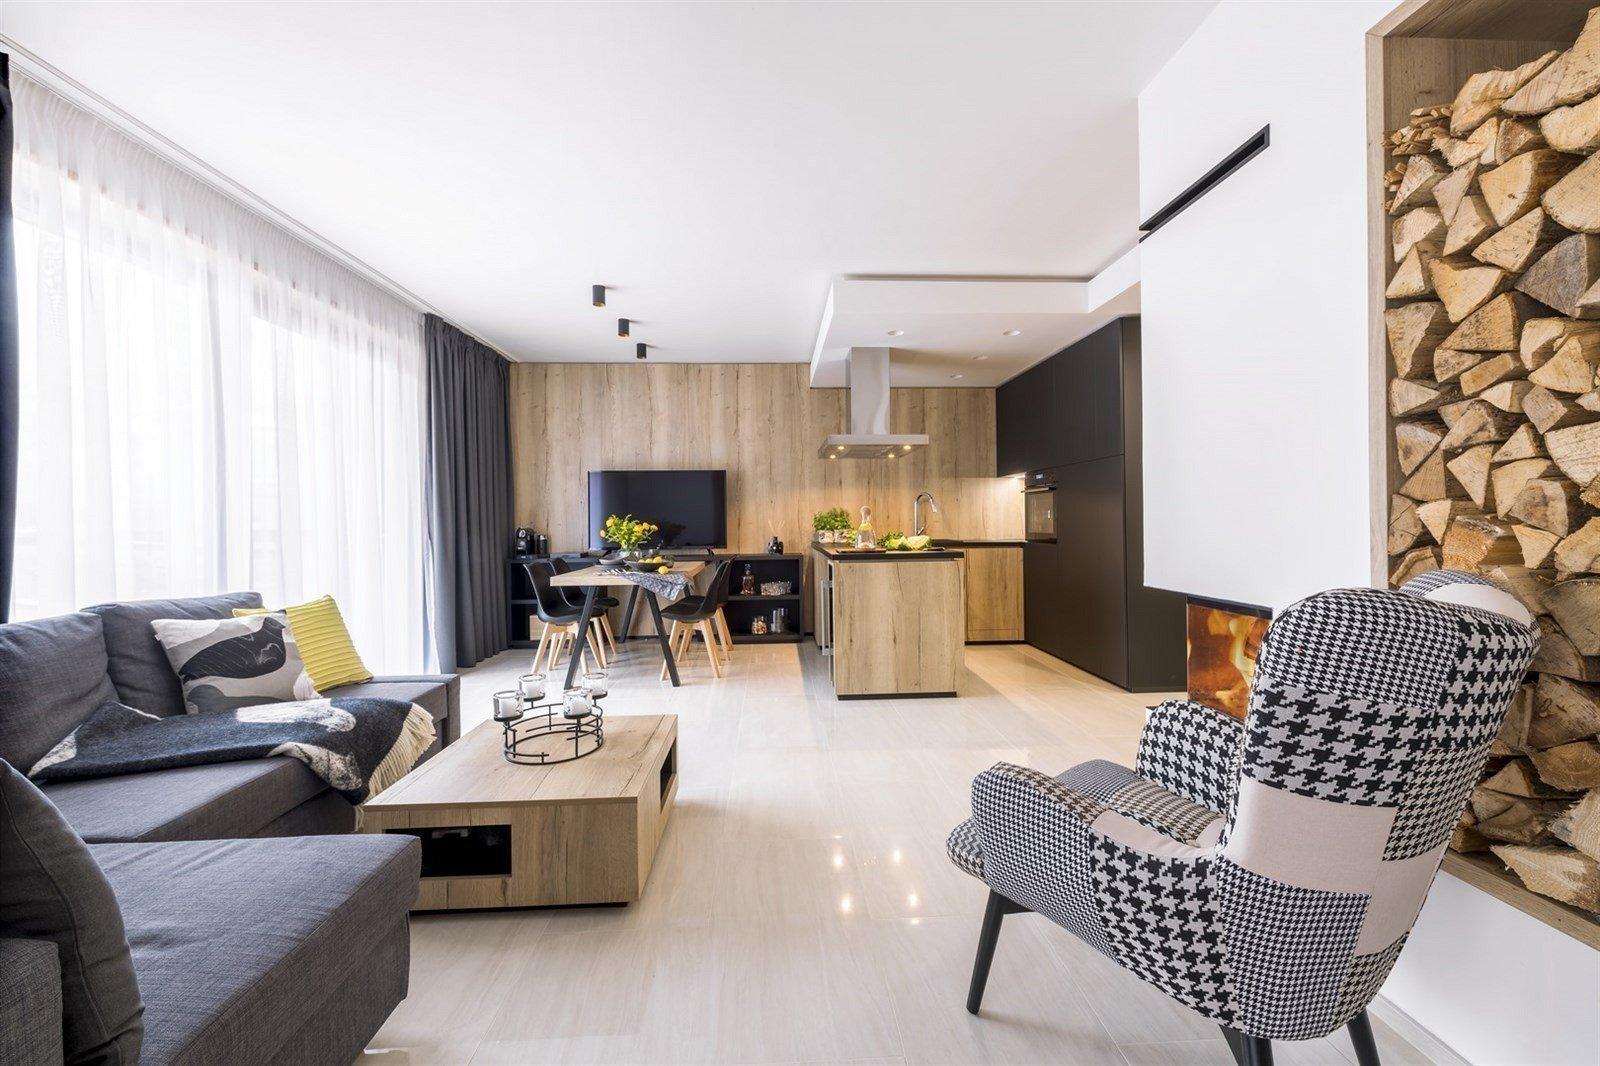 Horský apartmán s výhledem do přírody se stal druhým domovem